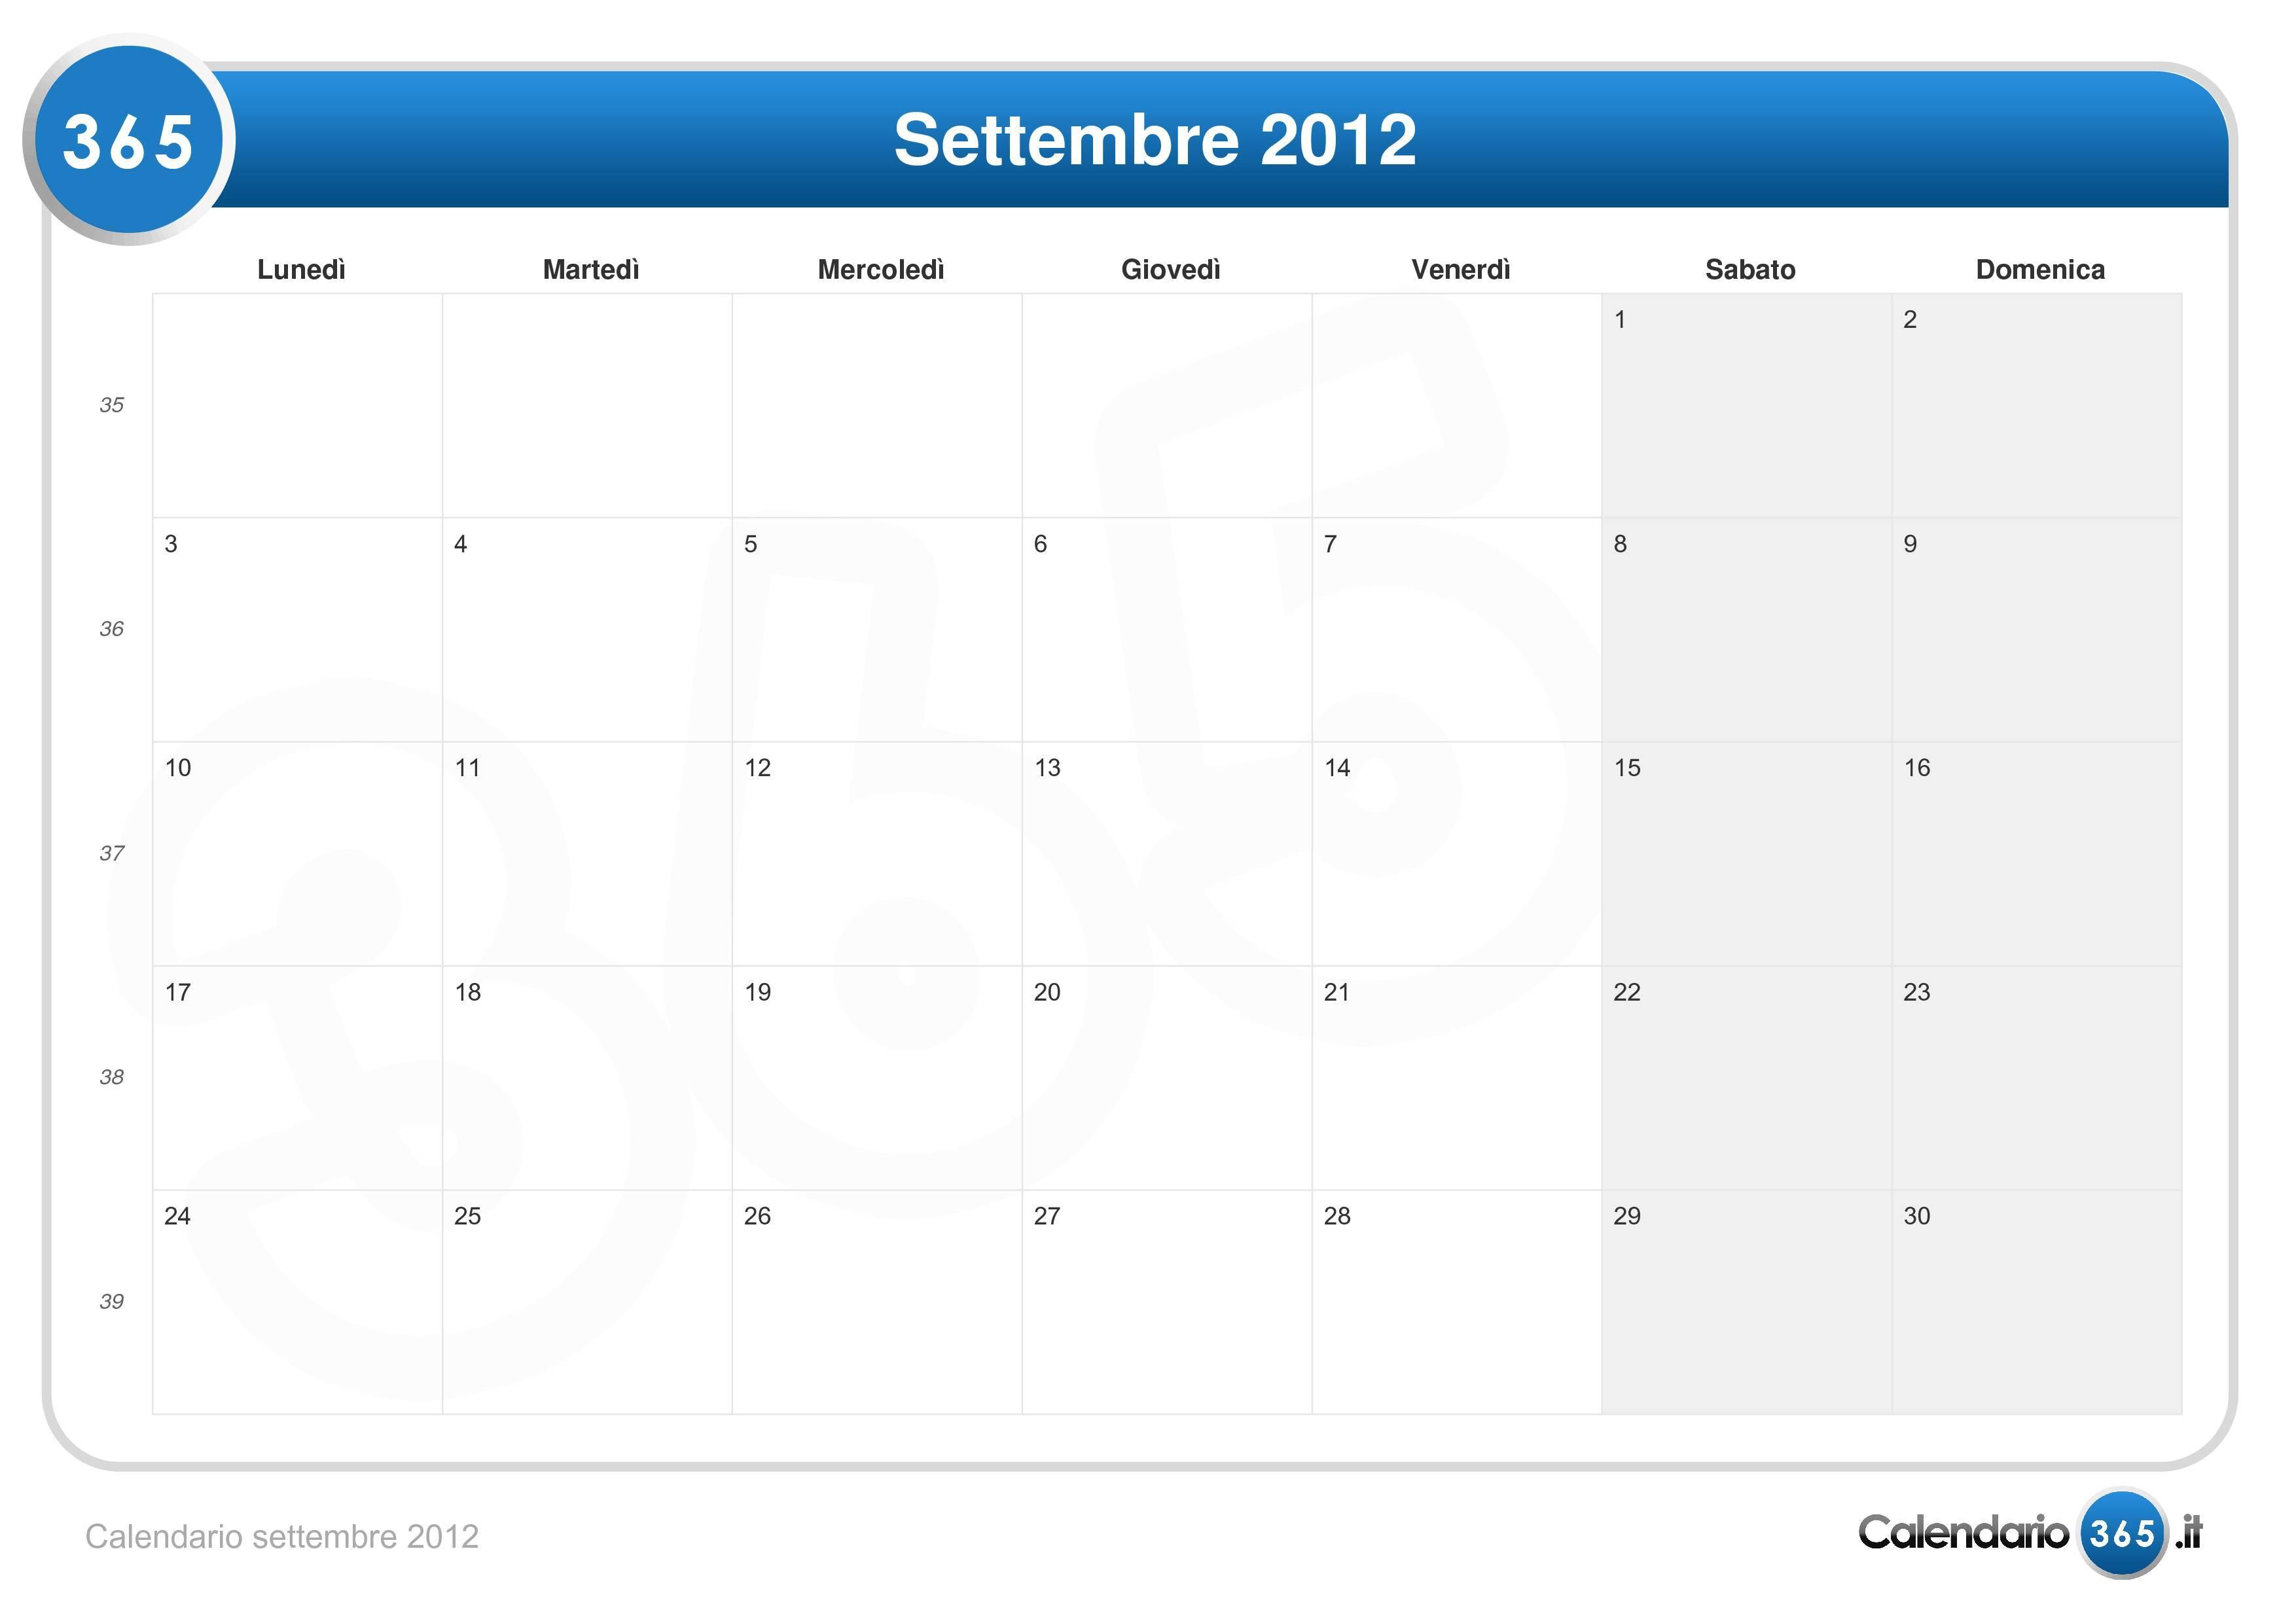 eventi parma 30 settembre 2012 - photo#26